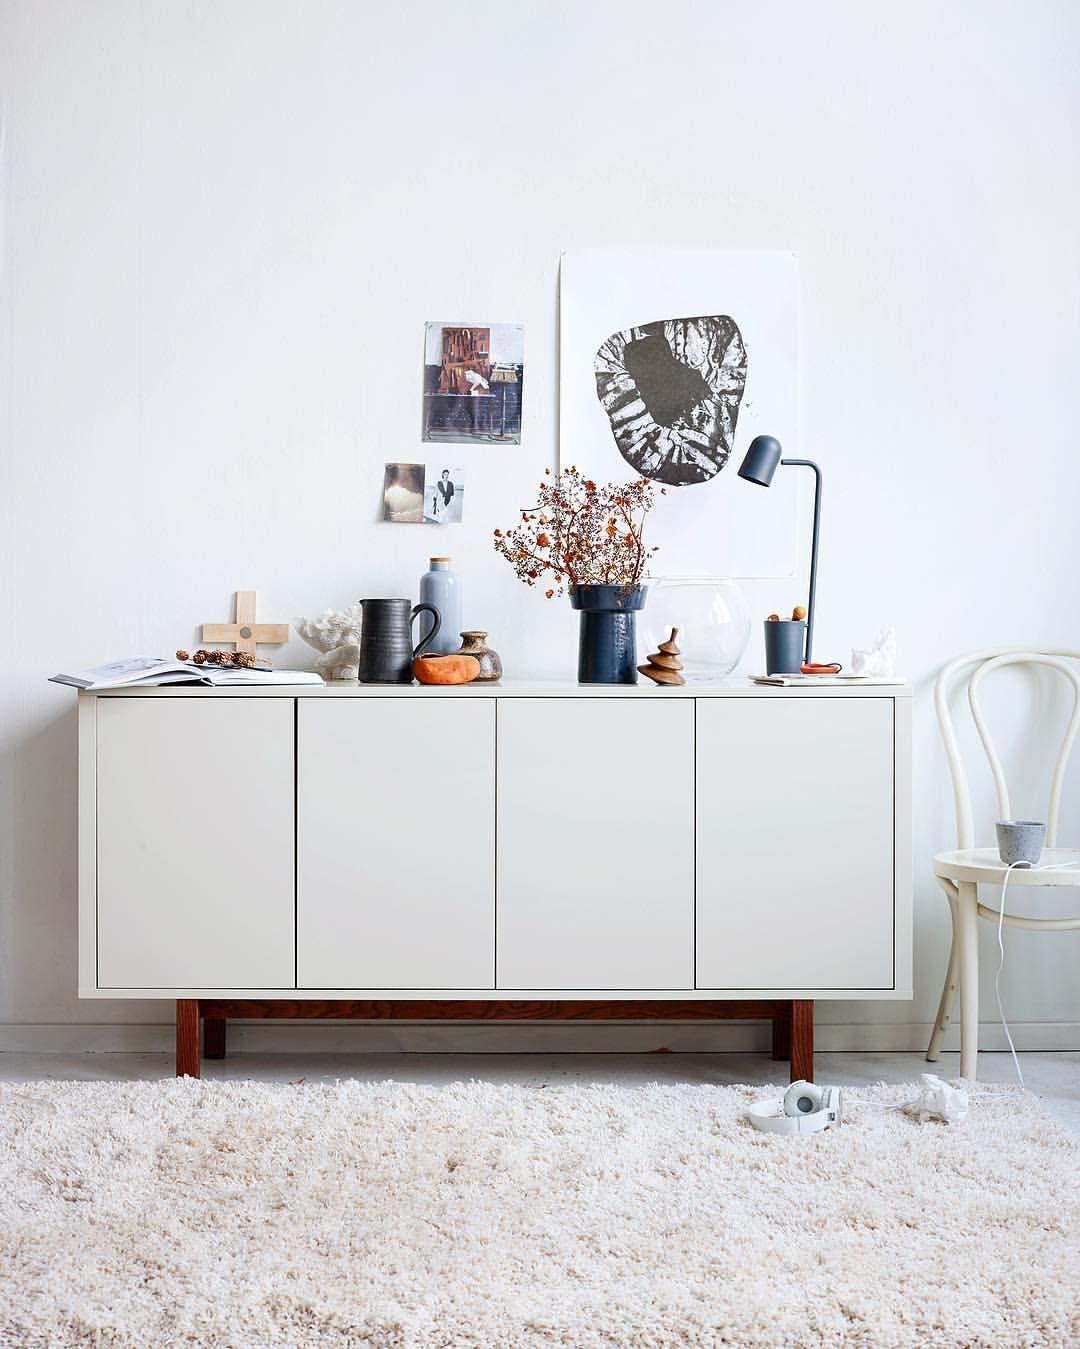 Ikea Swedish Furniture In Bangkok: Ikea 'Stockholm' Sideboard